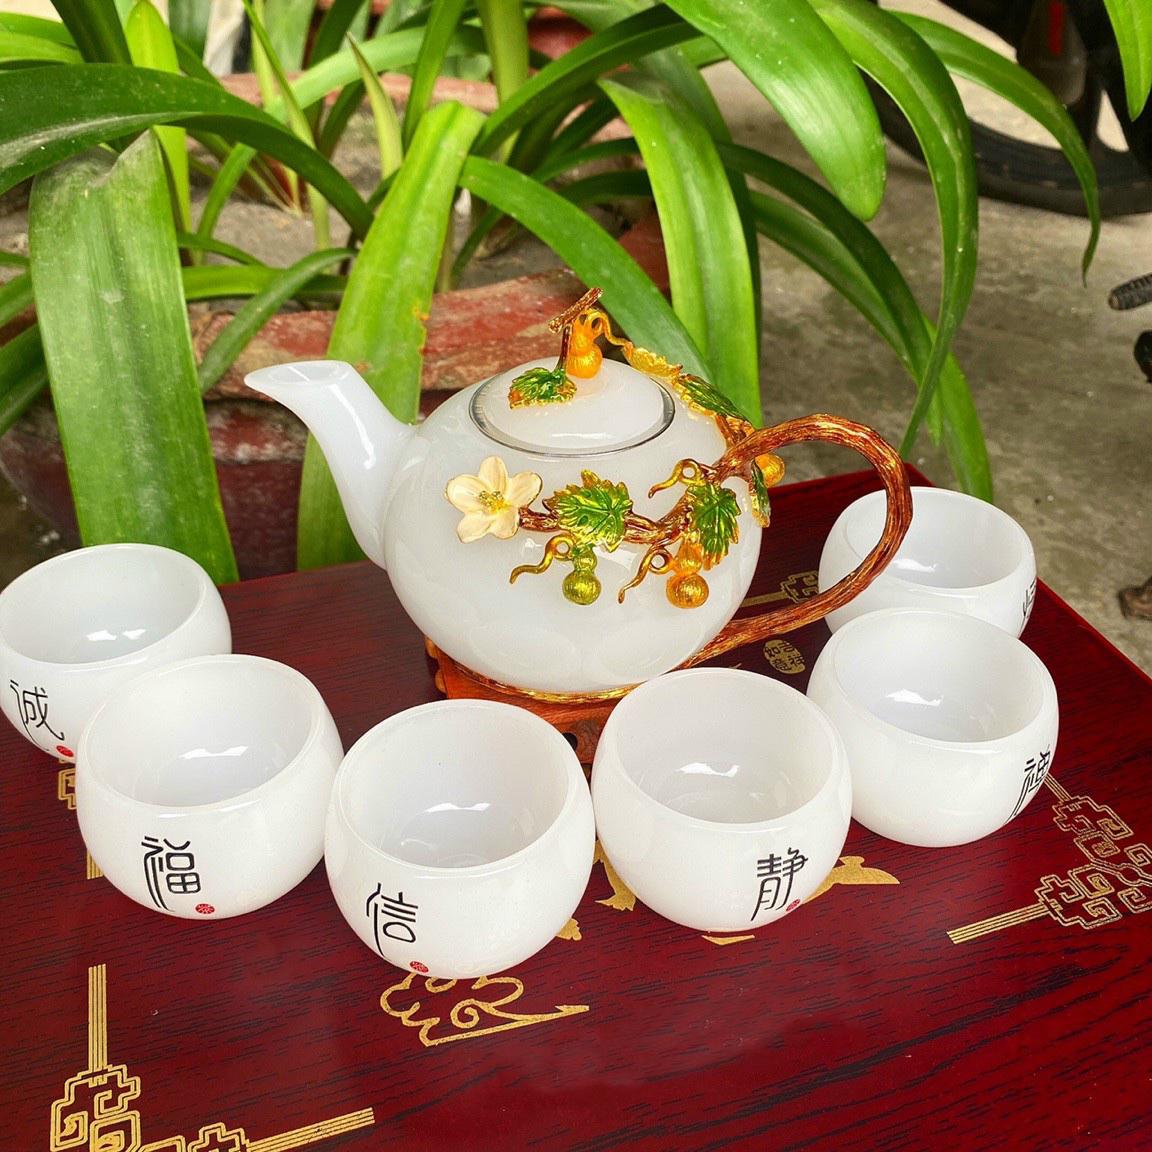 Bộ ấm trà chạm cây bầu với ly chạm chữ đá bạch ngọc